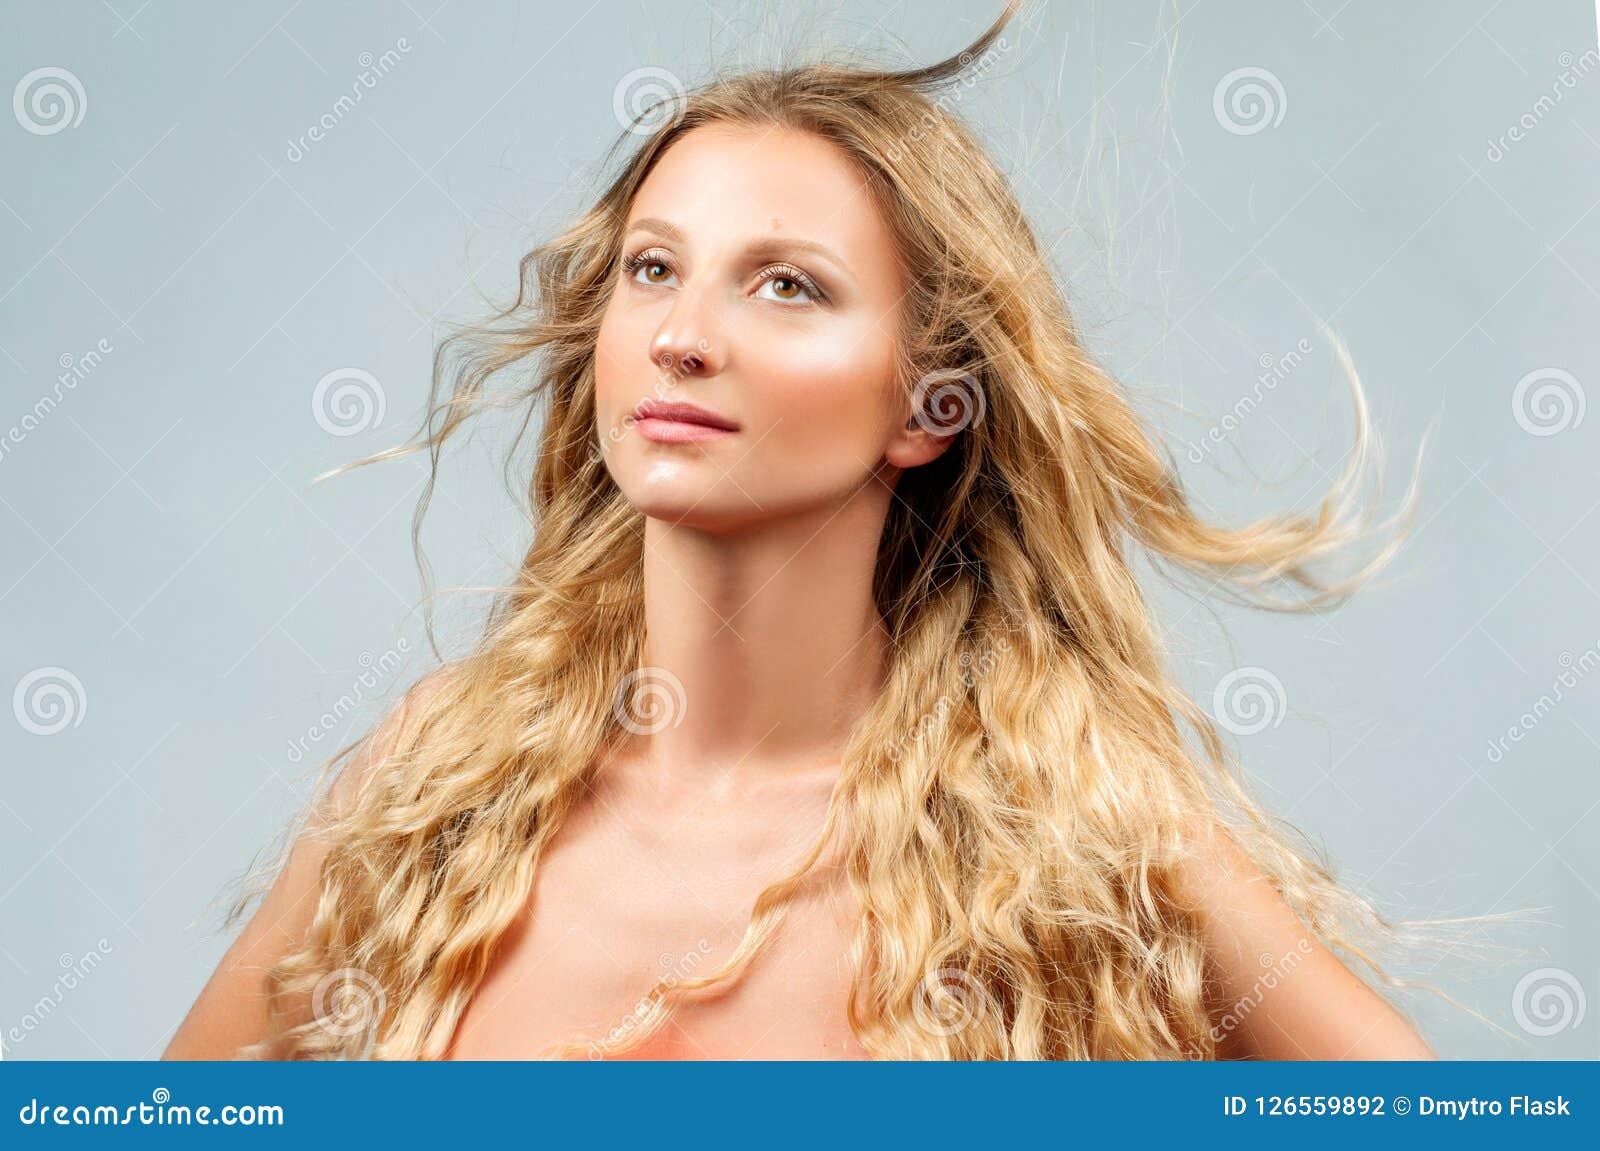 Belle femme avec de longs cheveux blonds onduleux